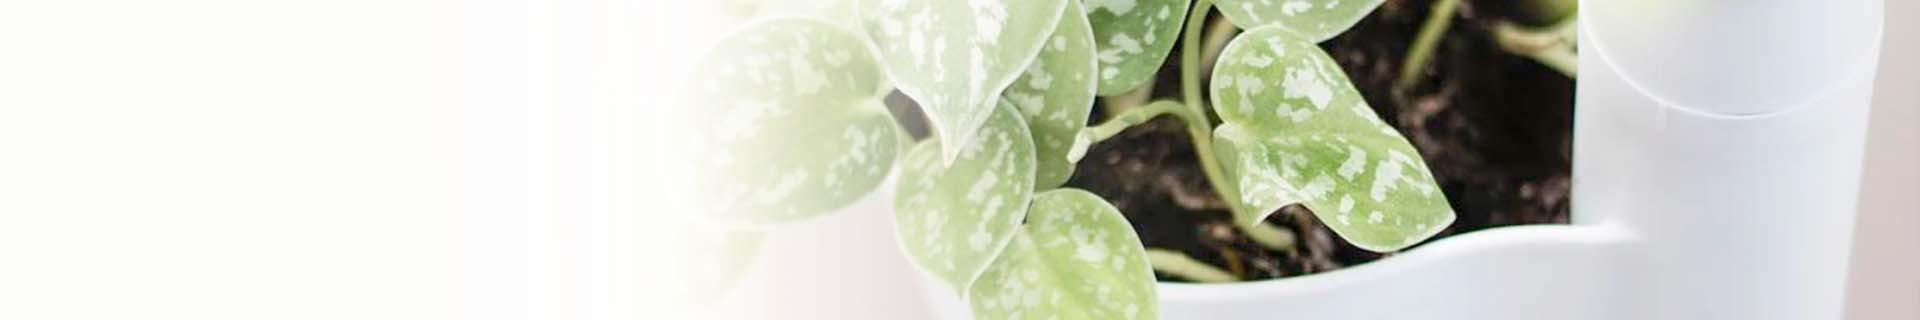 Productes 100% sostenibles CitySens